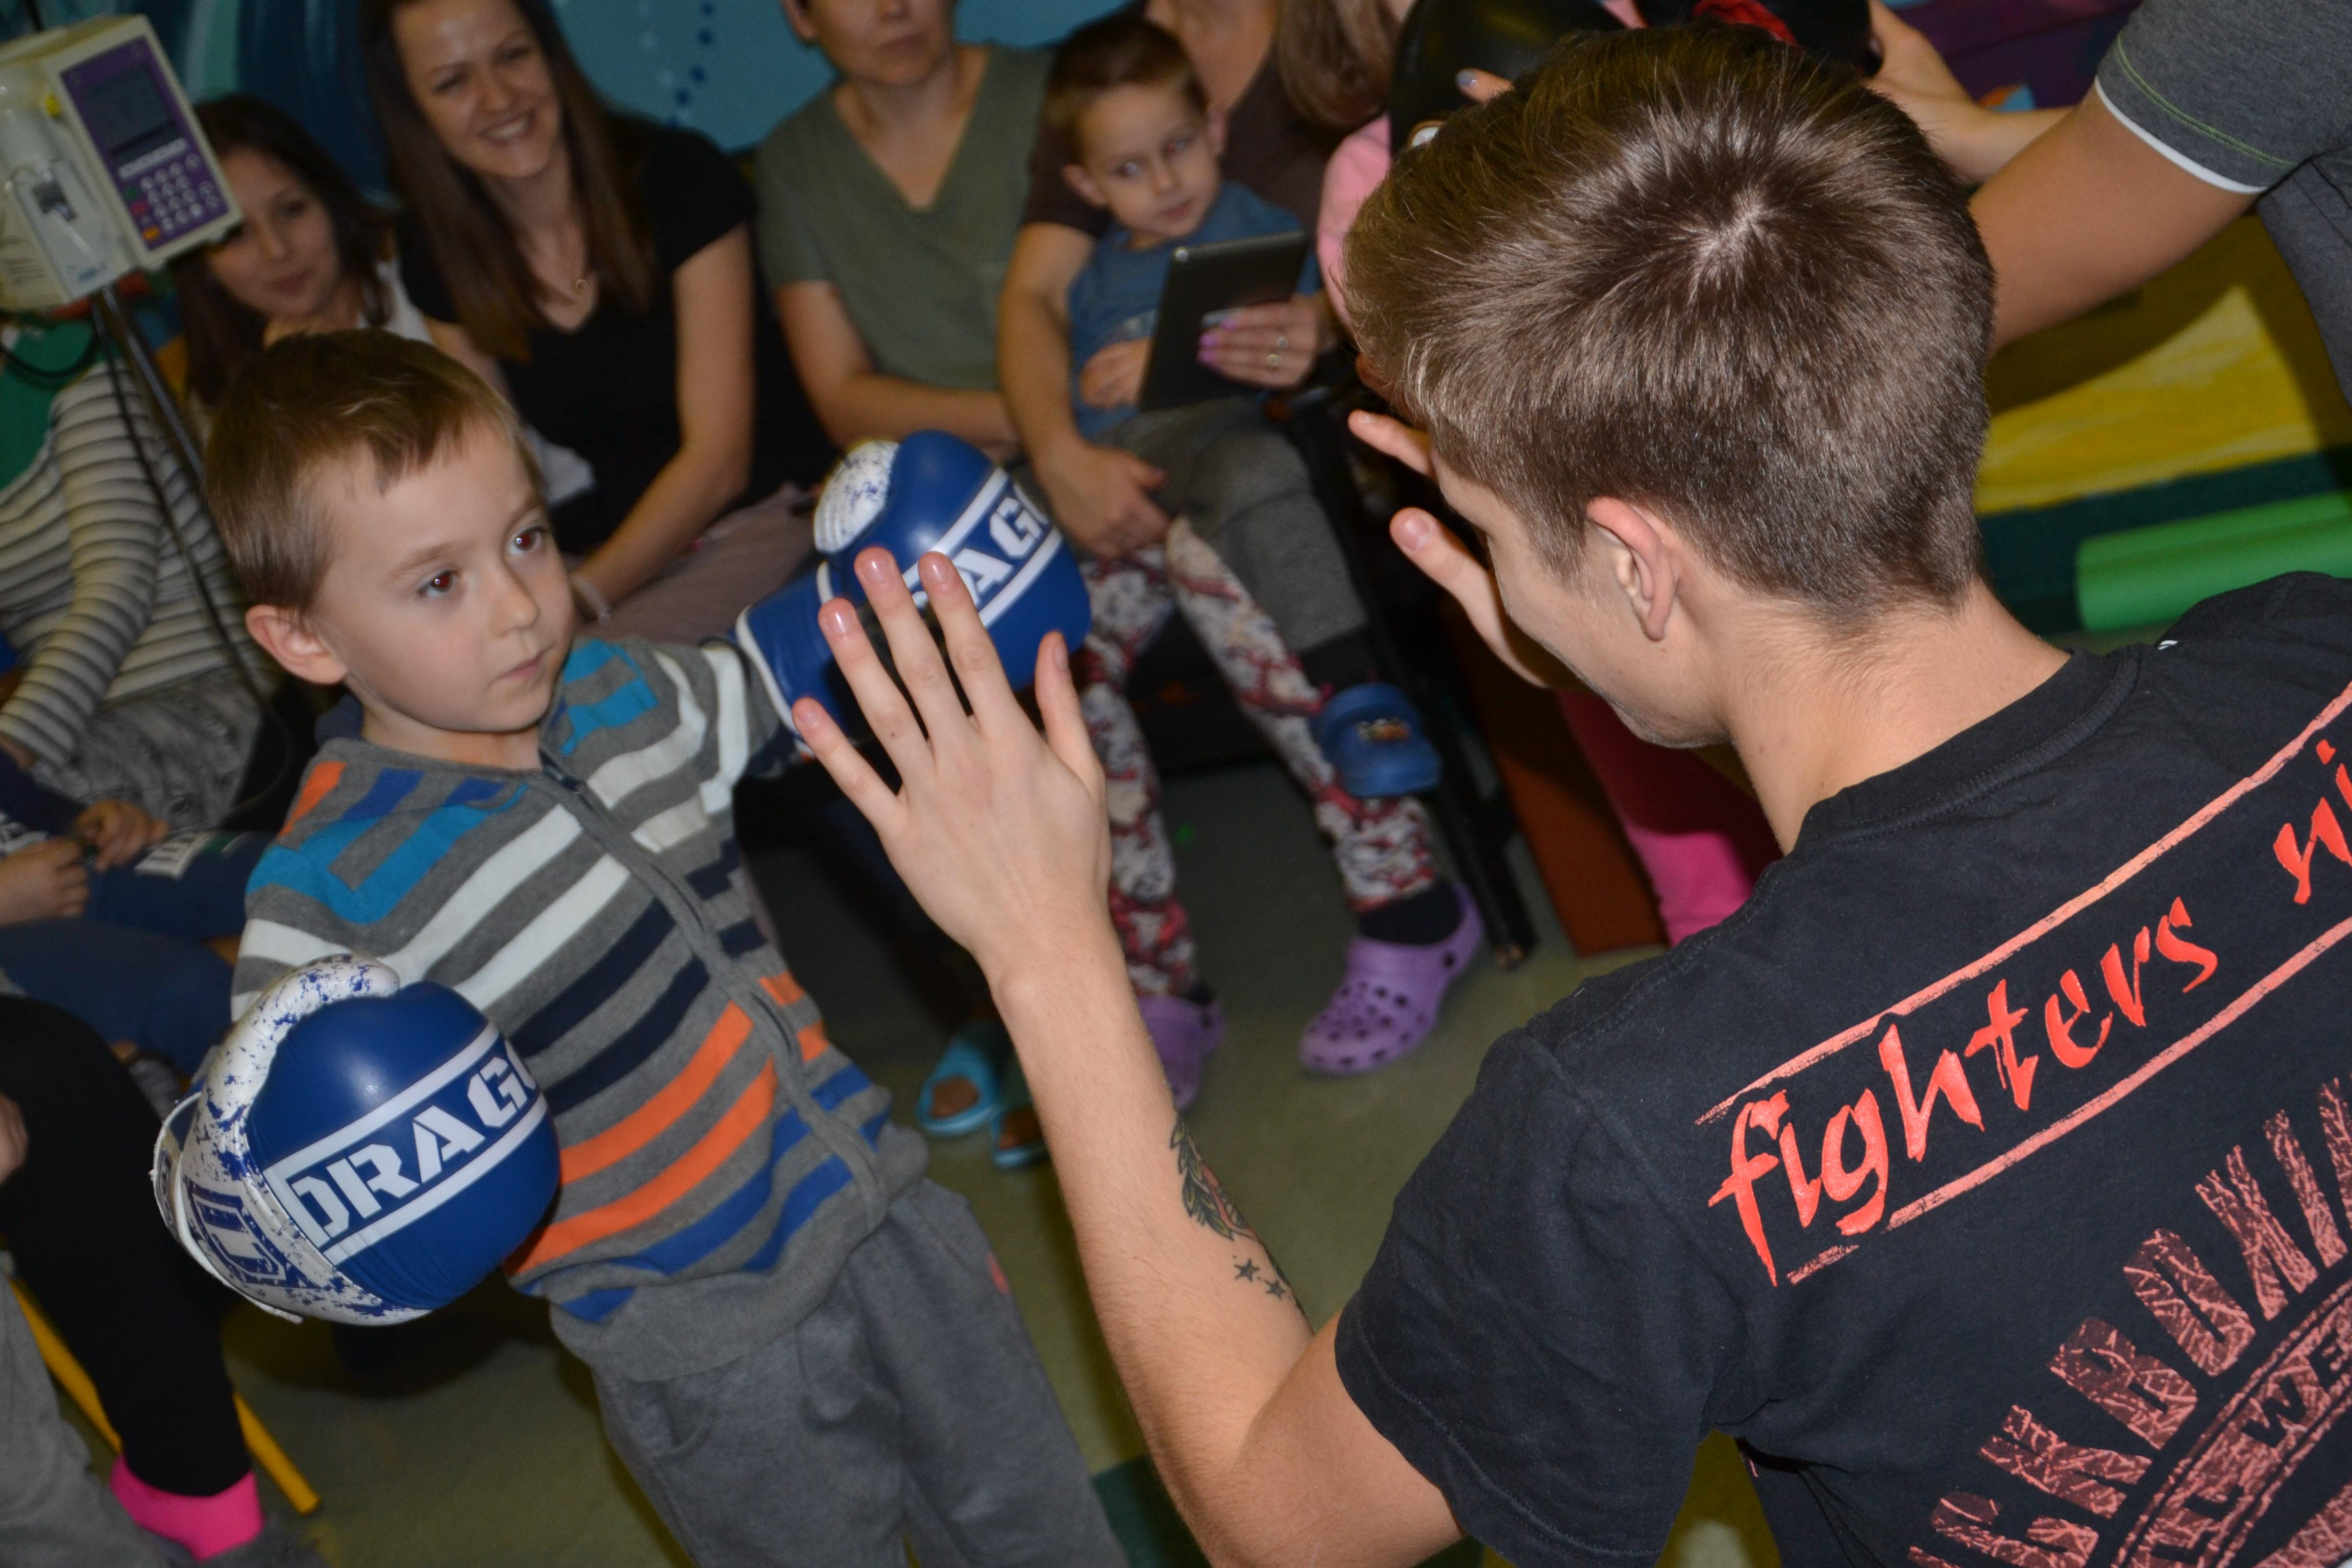 Pokaz kickboxingu na oddziale w Kielcach!